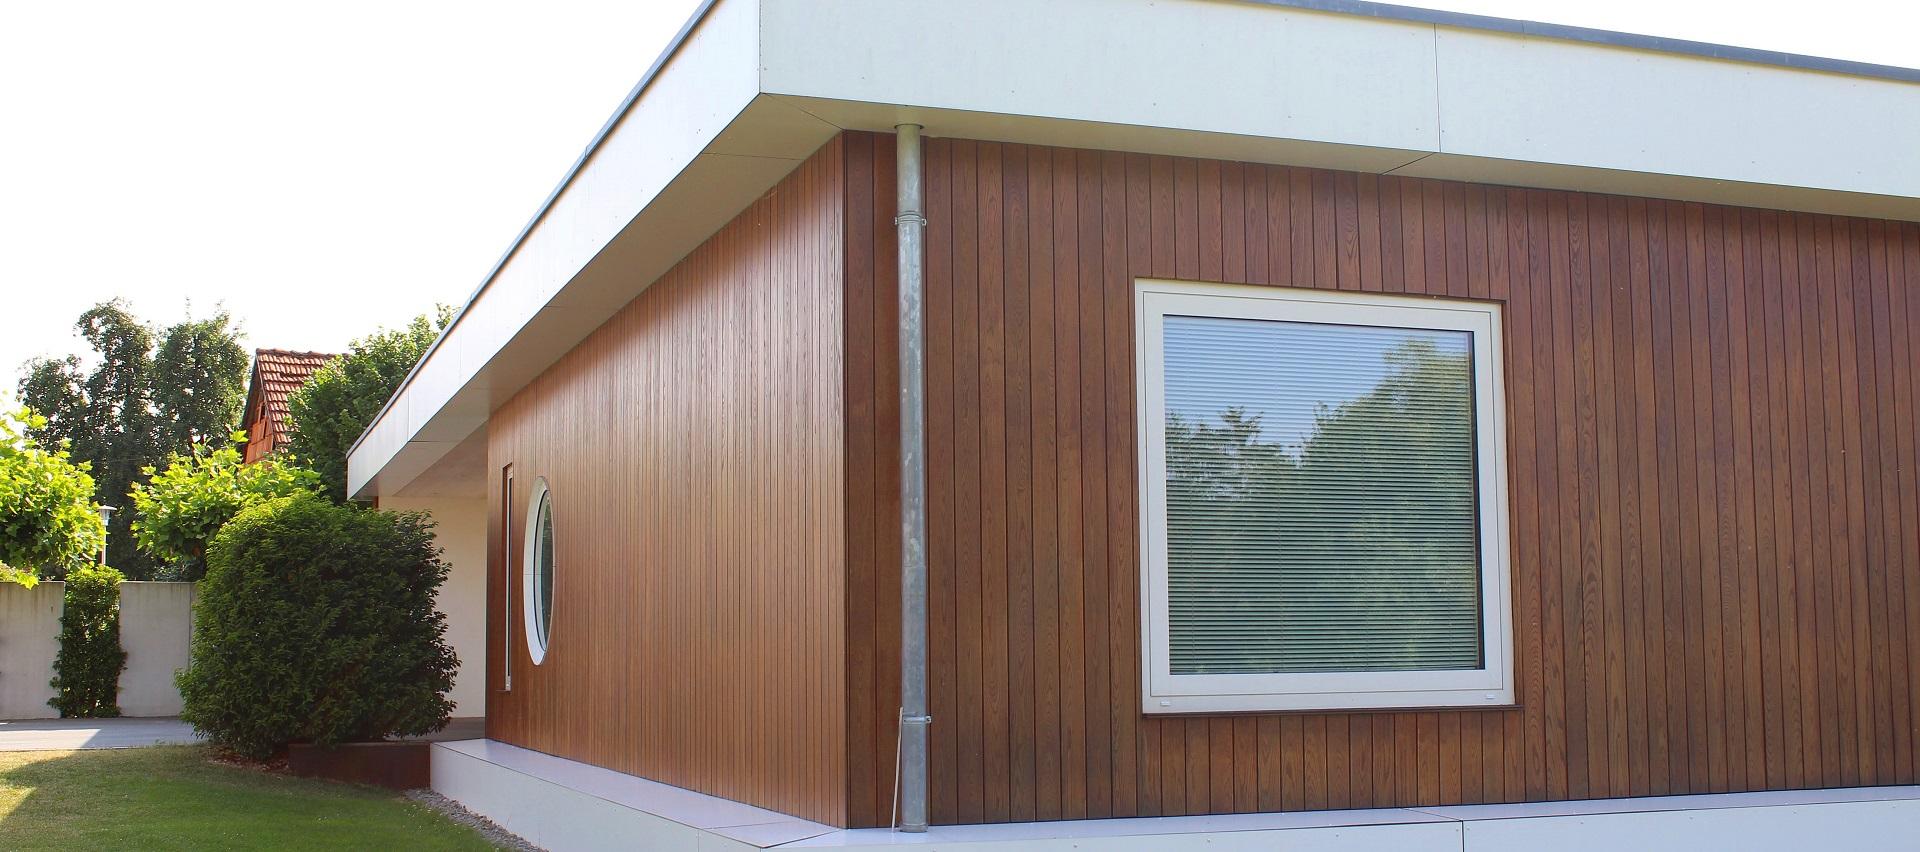 Fassade aus Thermo Esche   bei Holz-Hauff GmbH in Leingarten